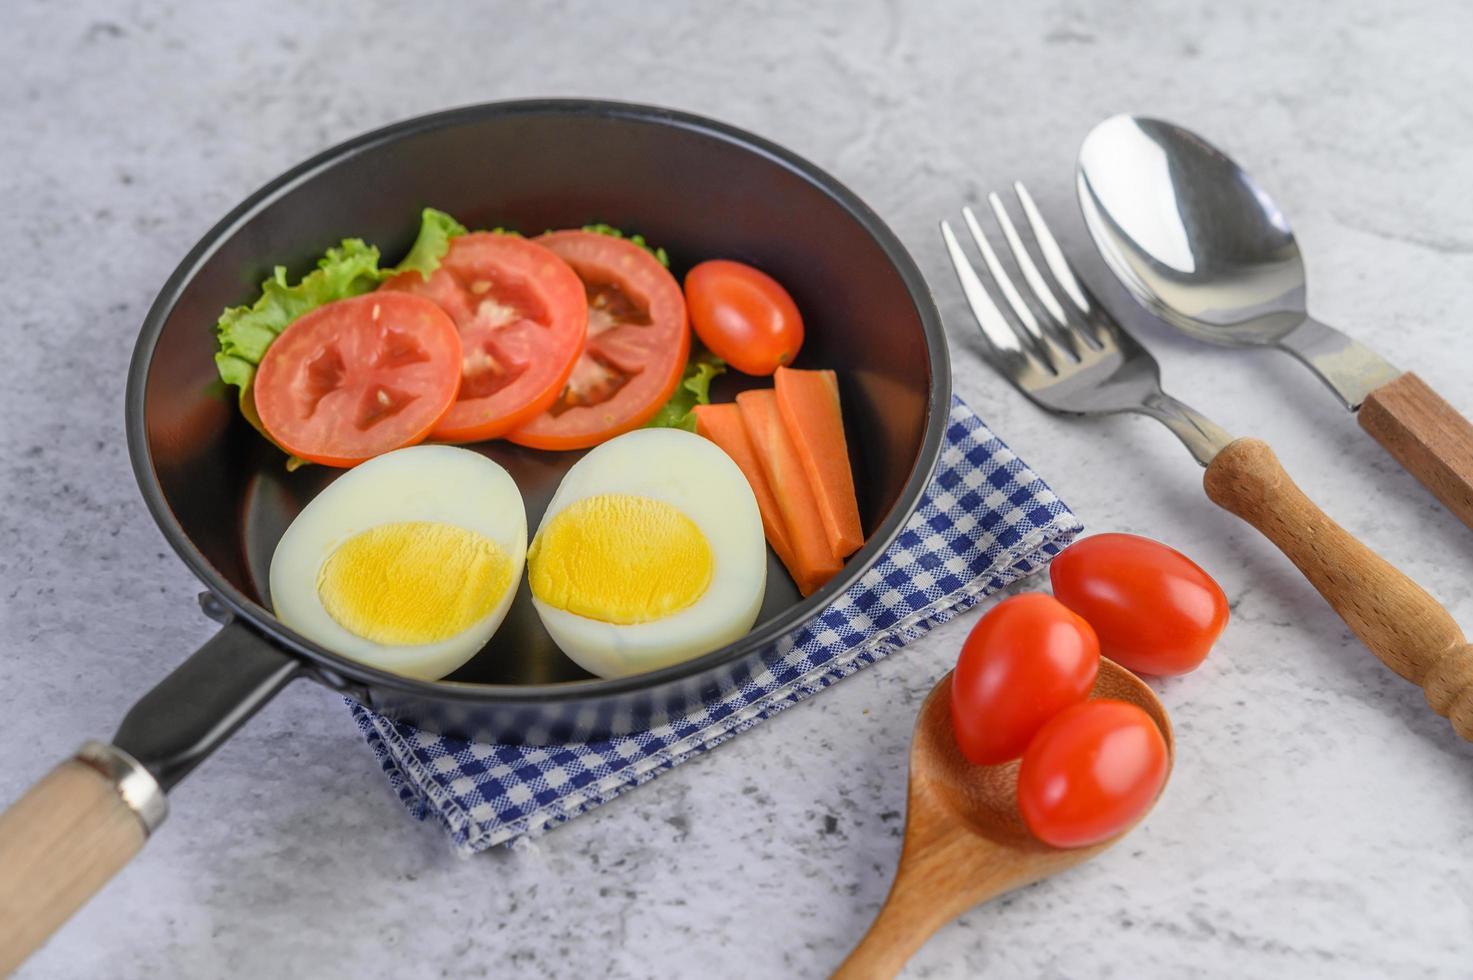 gekookte eieren, wortelen en tomaten in een pan met tomaten foto